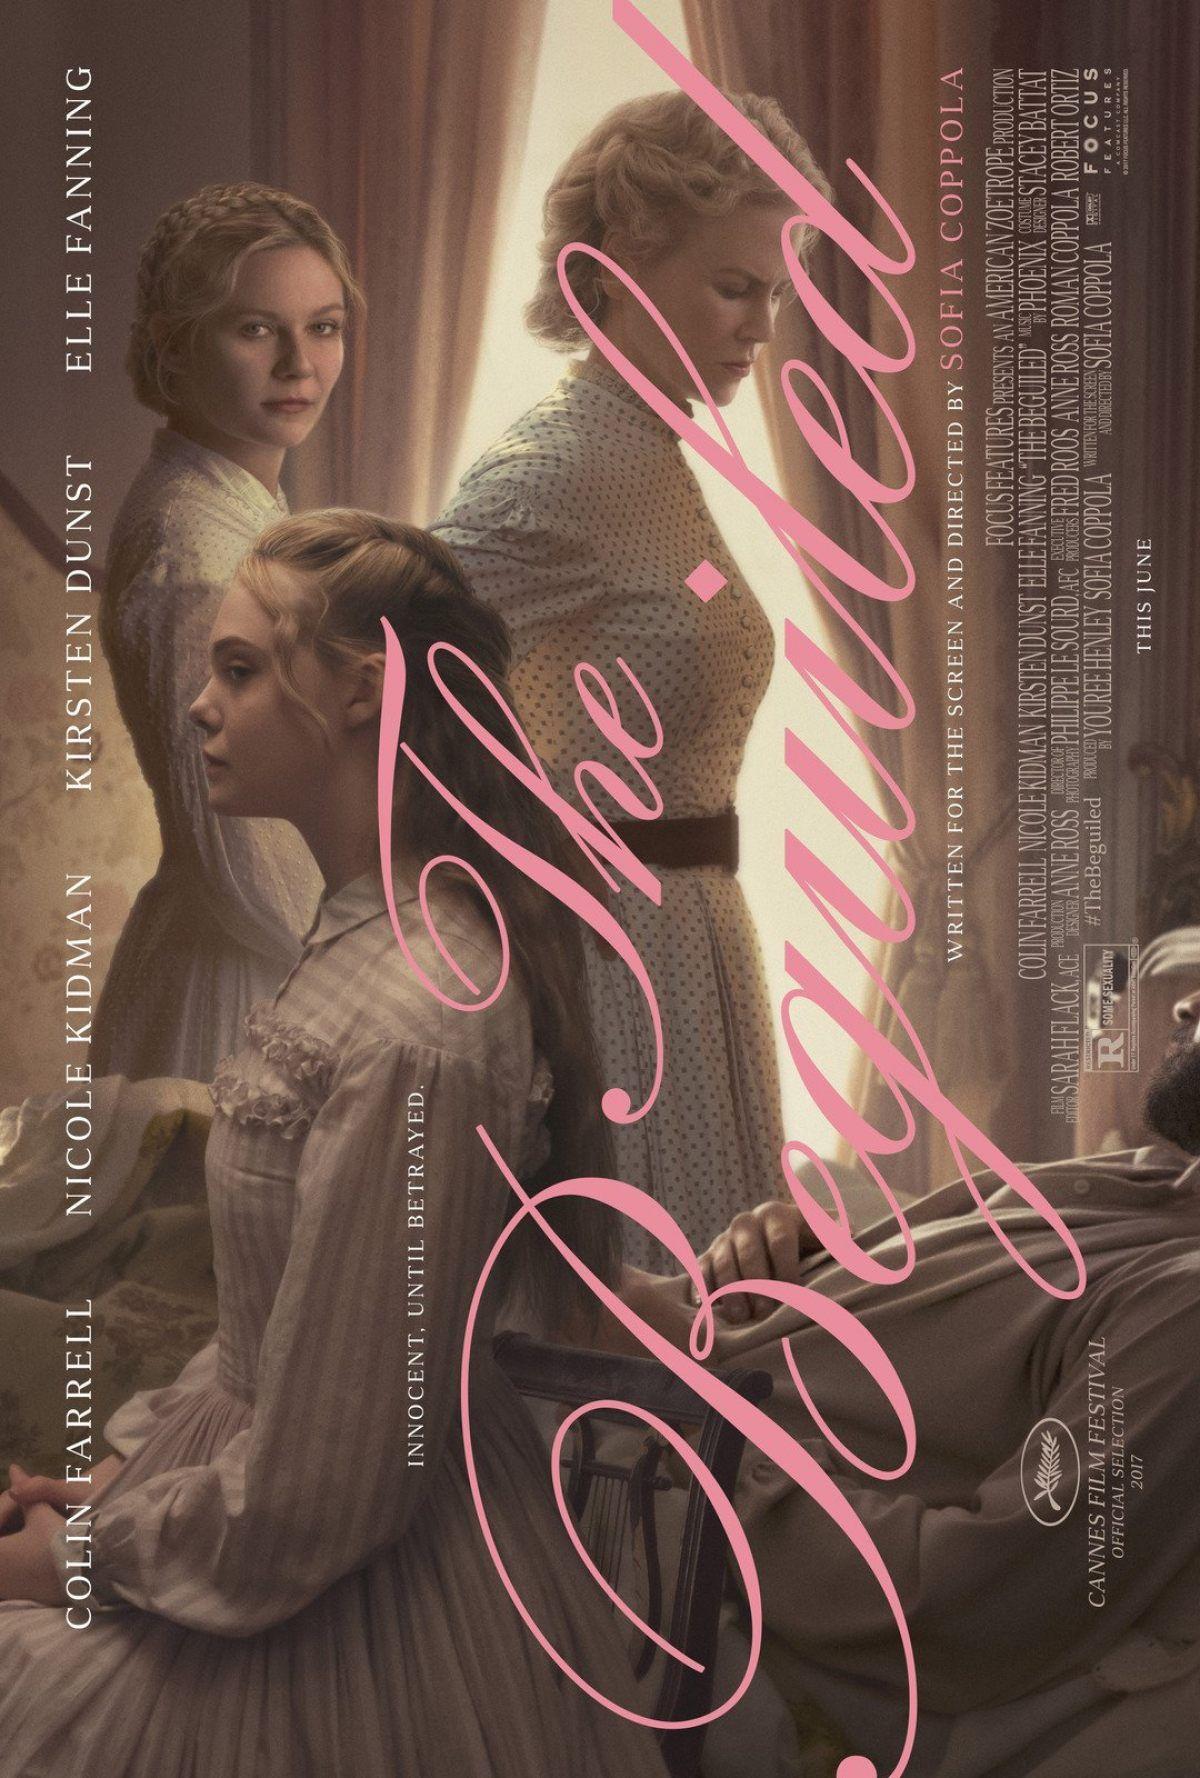 Resultado de imagen de the beguiled movie poster